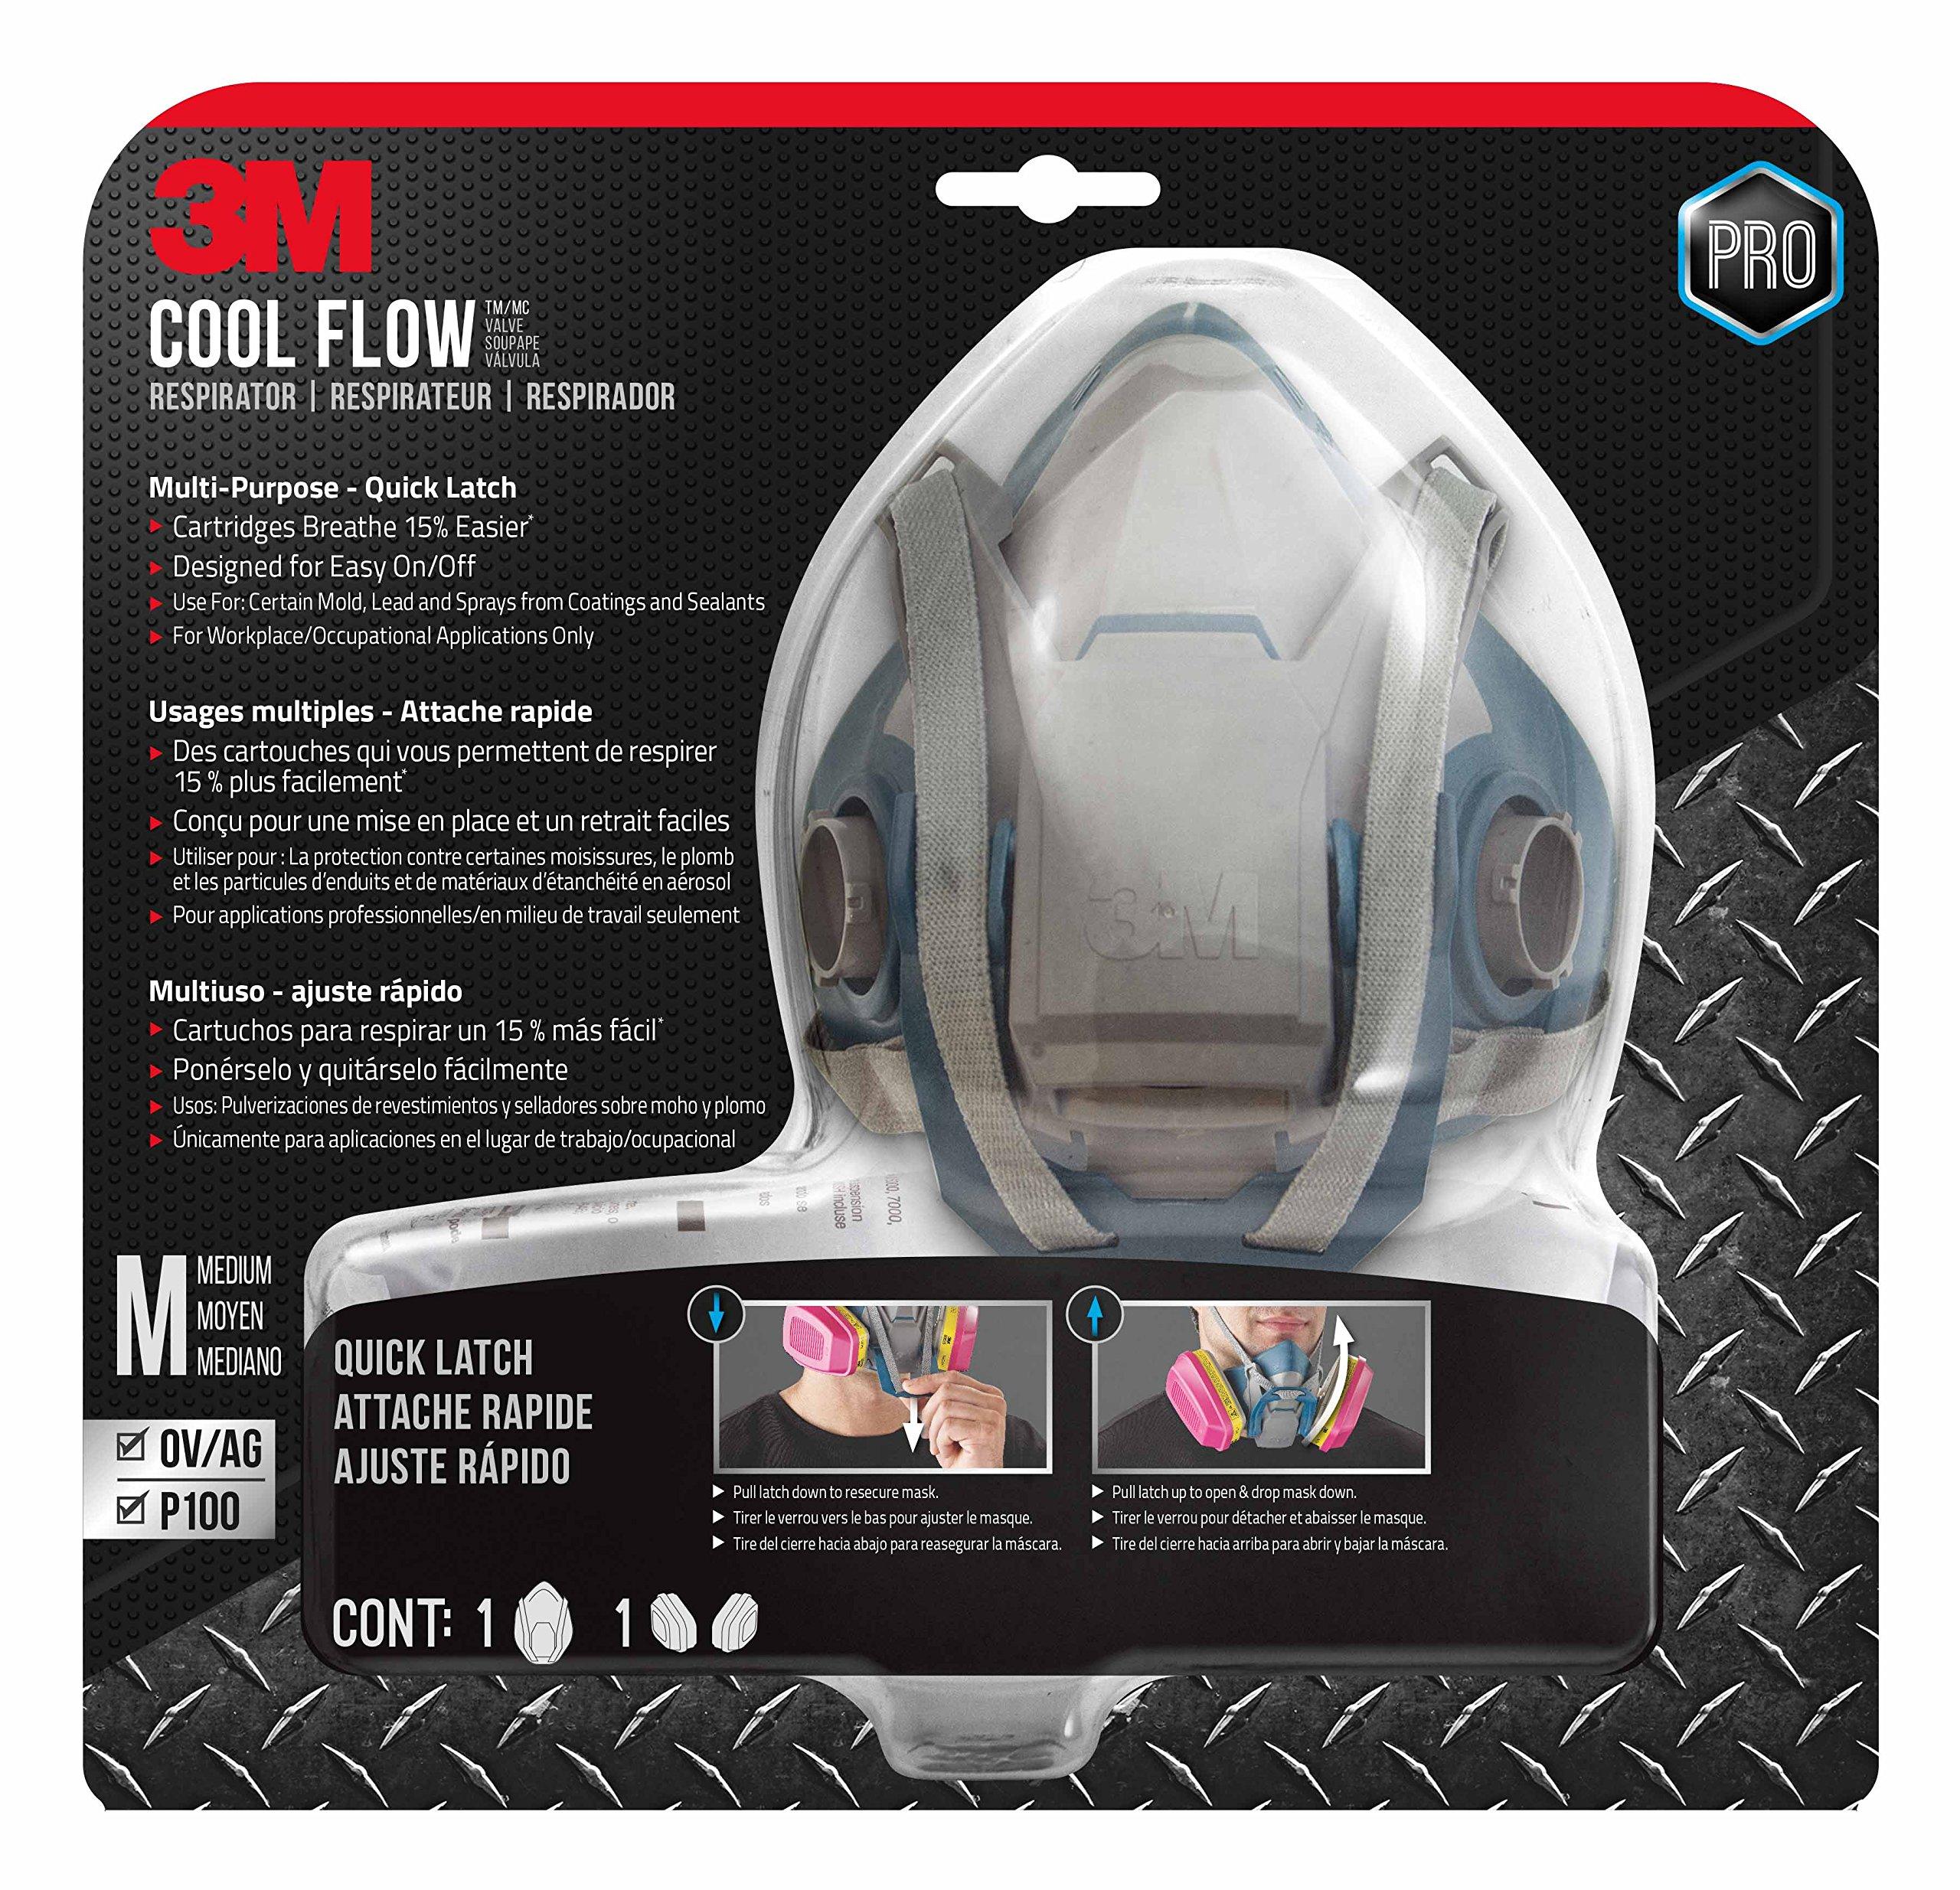 3M 65023QLHA1C-PS Pro MultiPurpose Respirator with Quick Latch, Medium